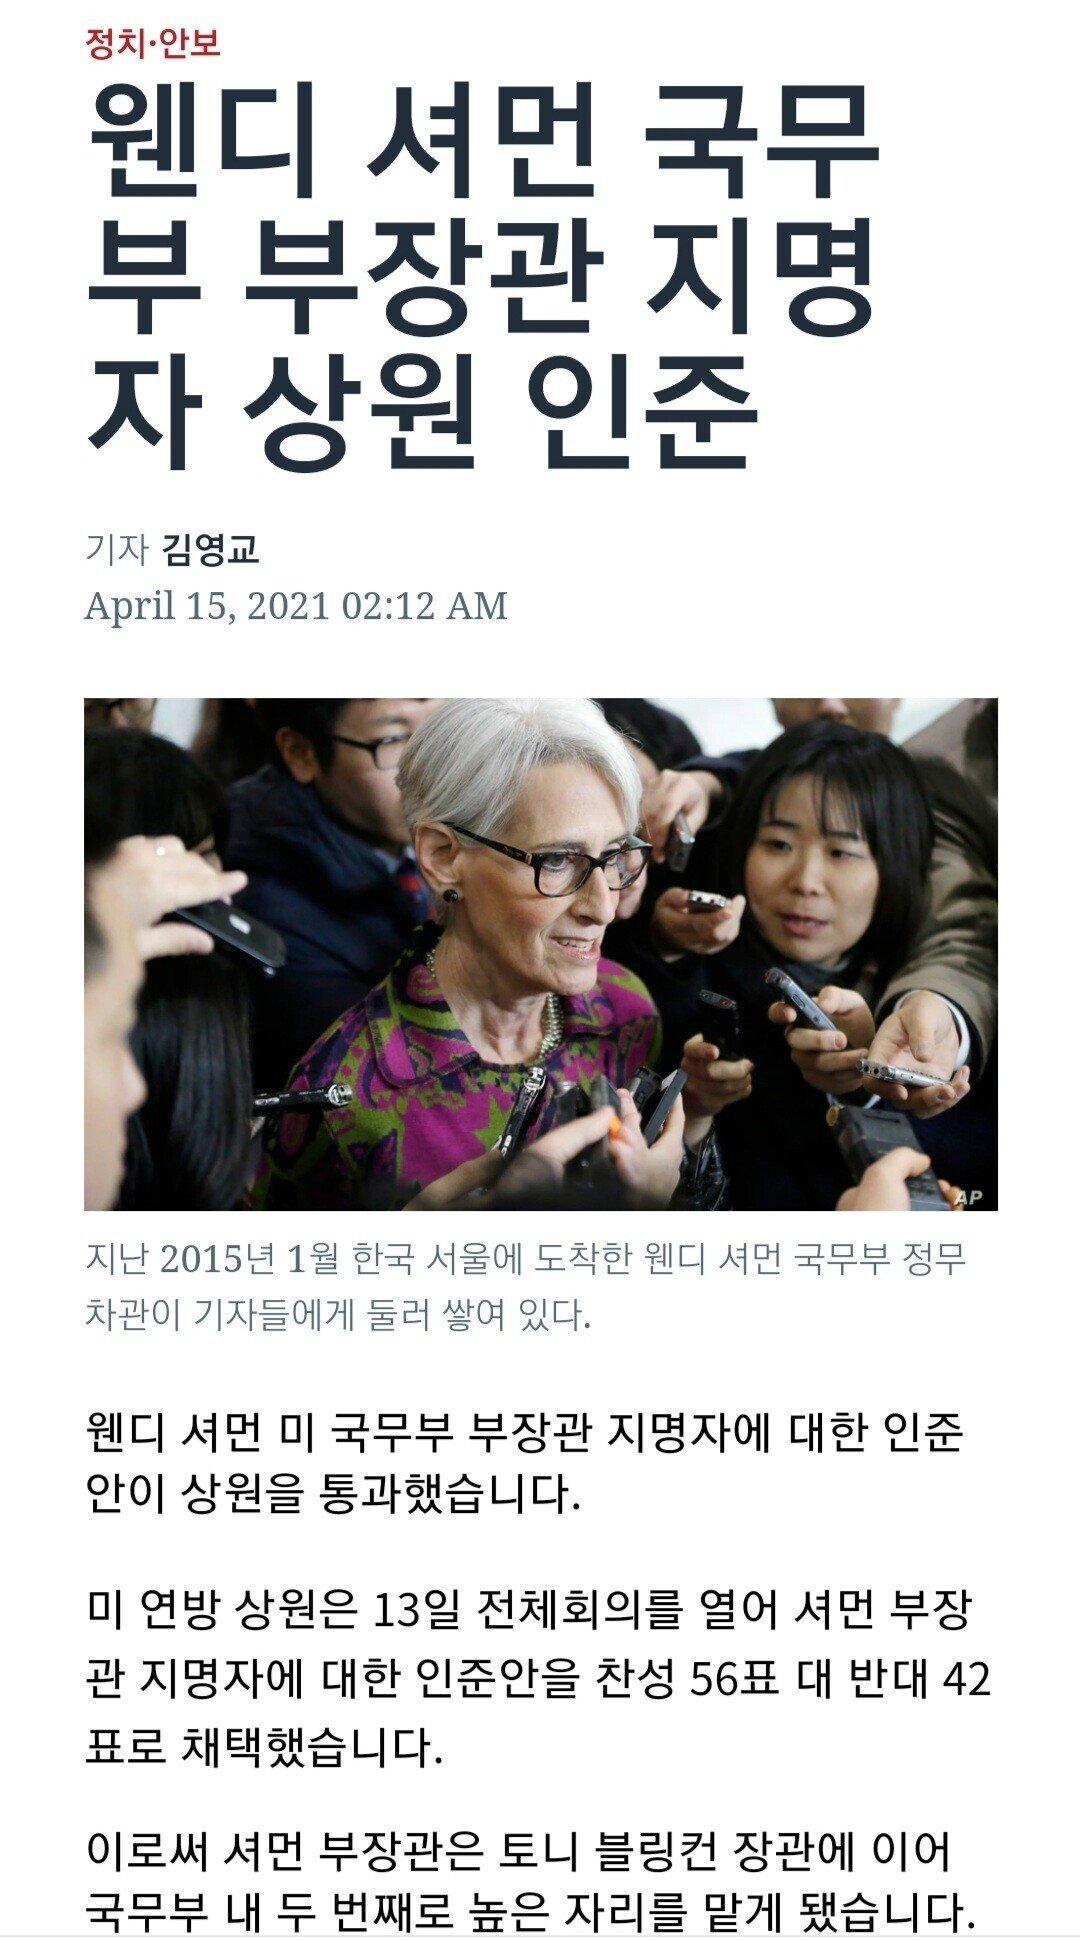 ウェンディシャーマン.jpg米国高官:韓国で過去の歴史は、日本の悪役作って安価拍手受ける用途で使われている